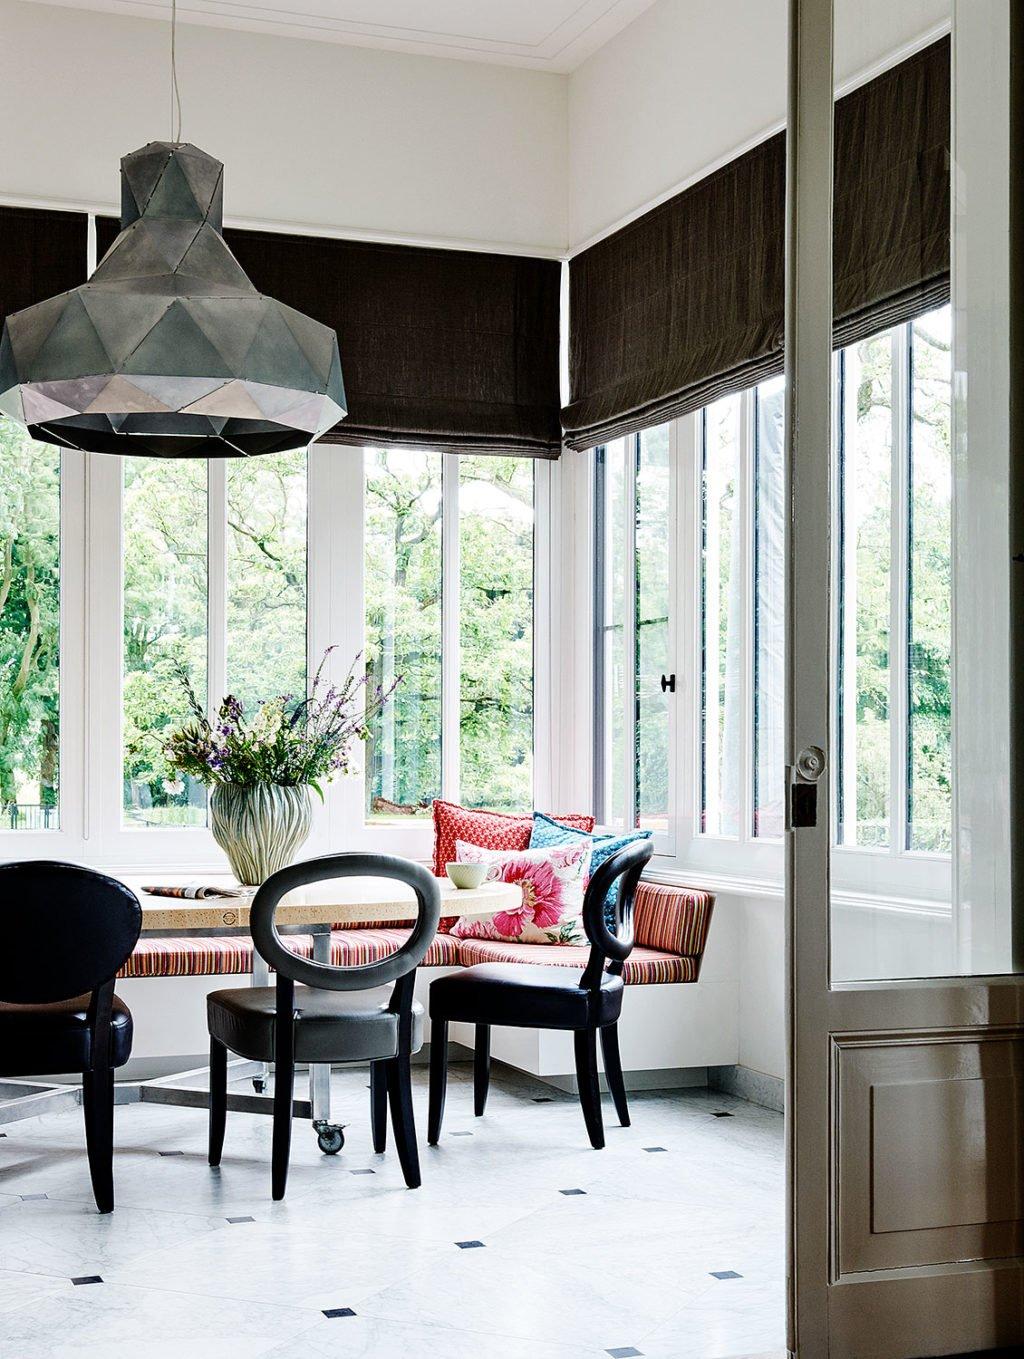 dutch interior design big lamp ceiling dining